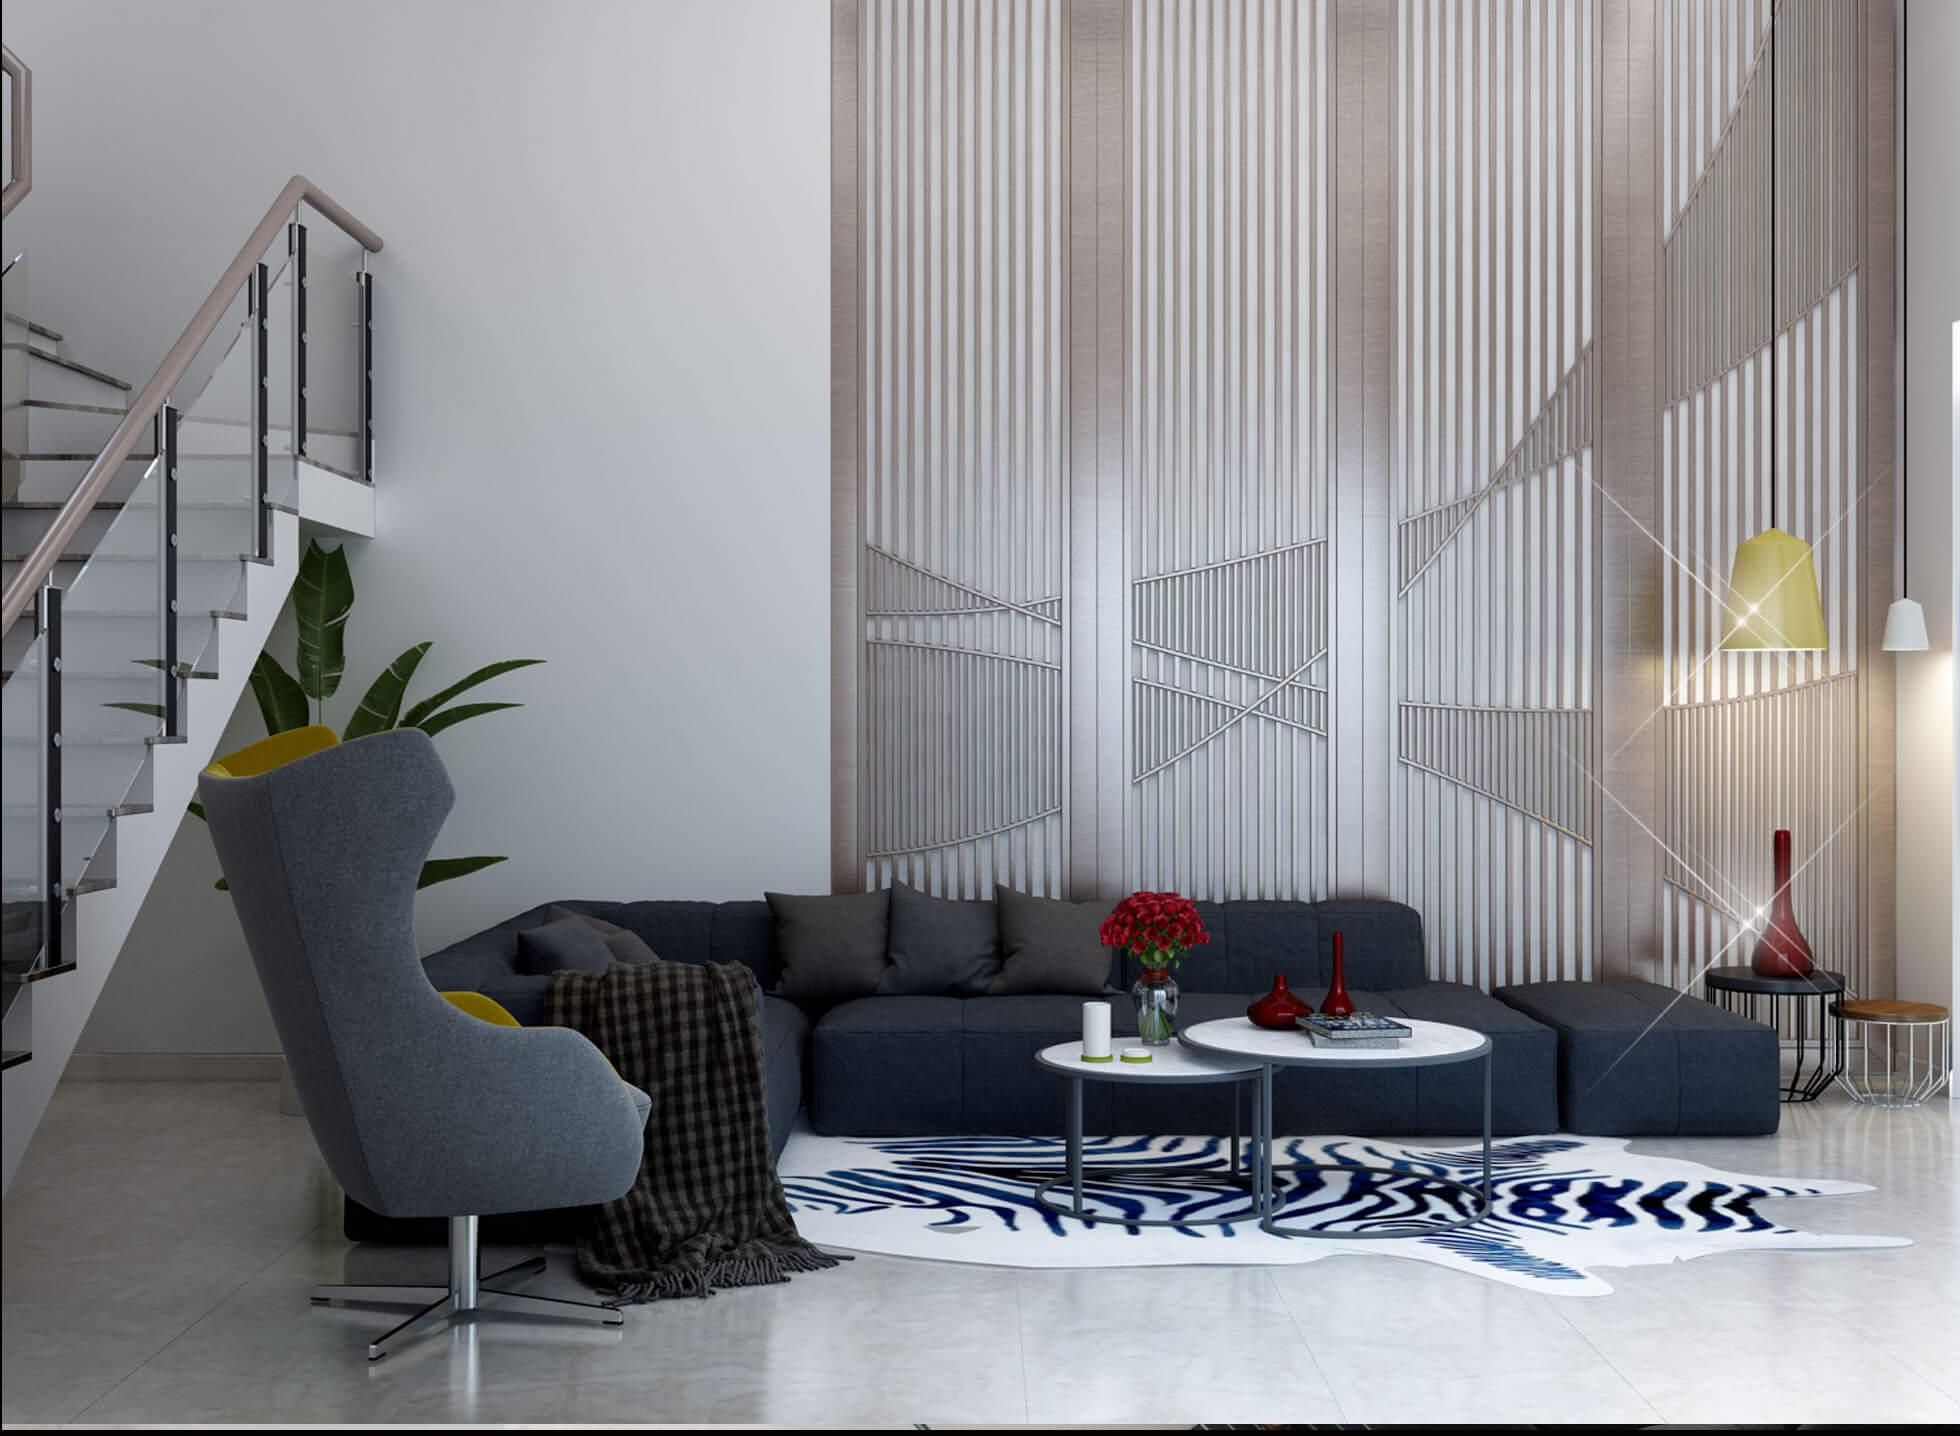 Phòng khách được bố trí đơn giản, với màu sắc tương phản làm nổi bật không gian